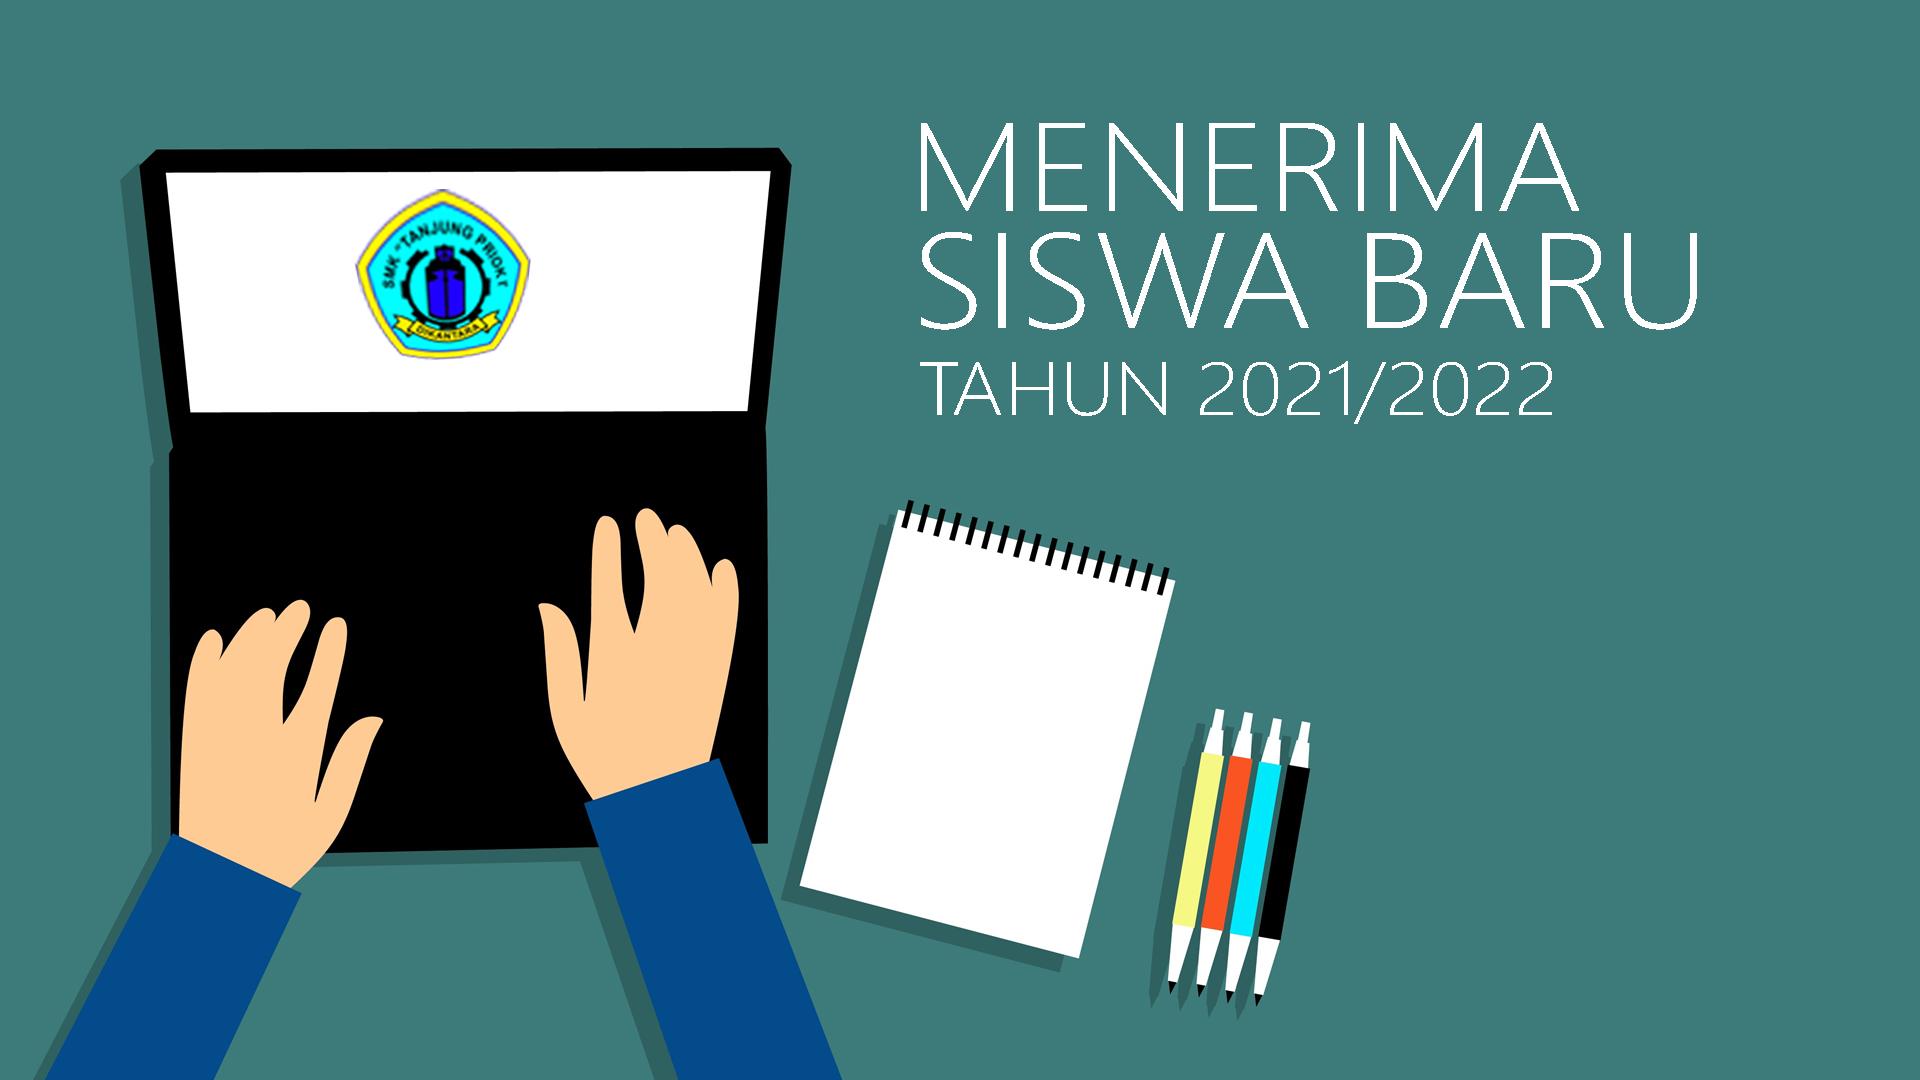 Pengumuman Daftar Siswa Baru Tahun 2021/2022